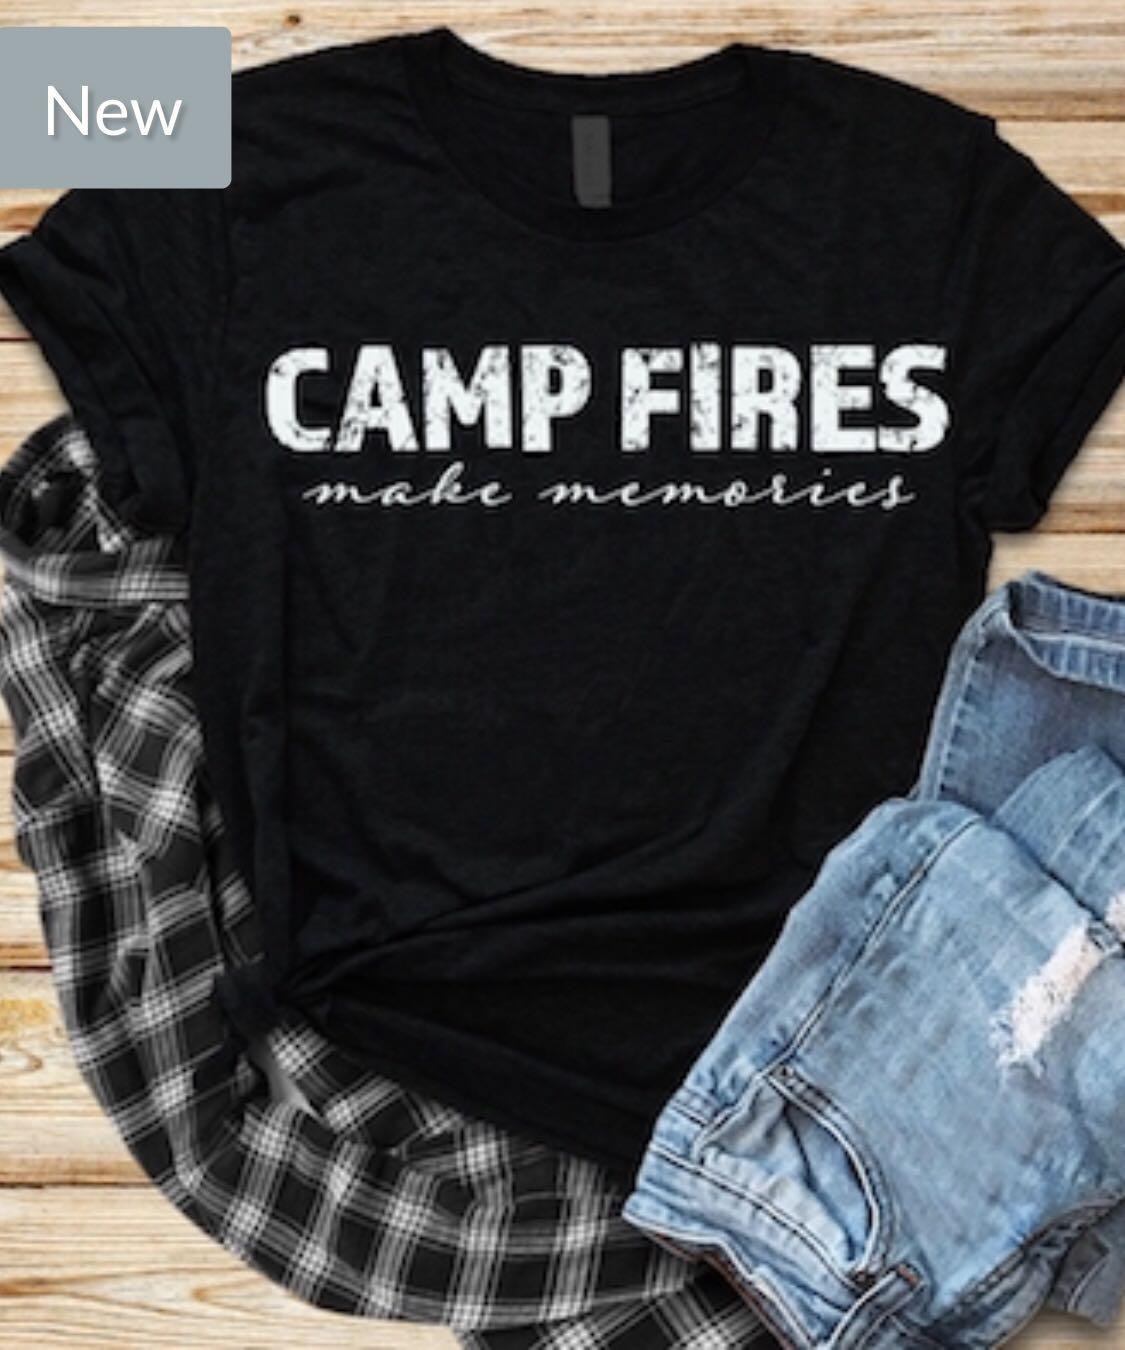 New T-shirt's